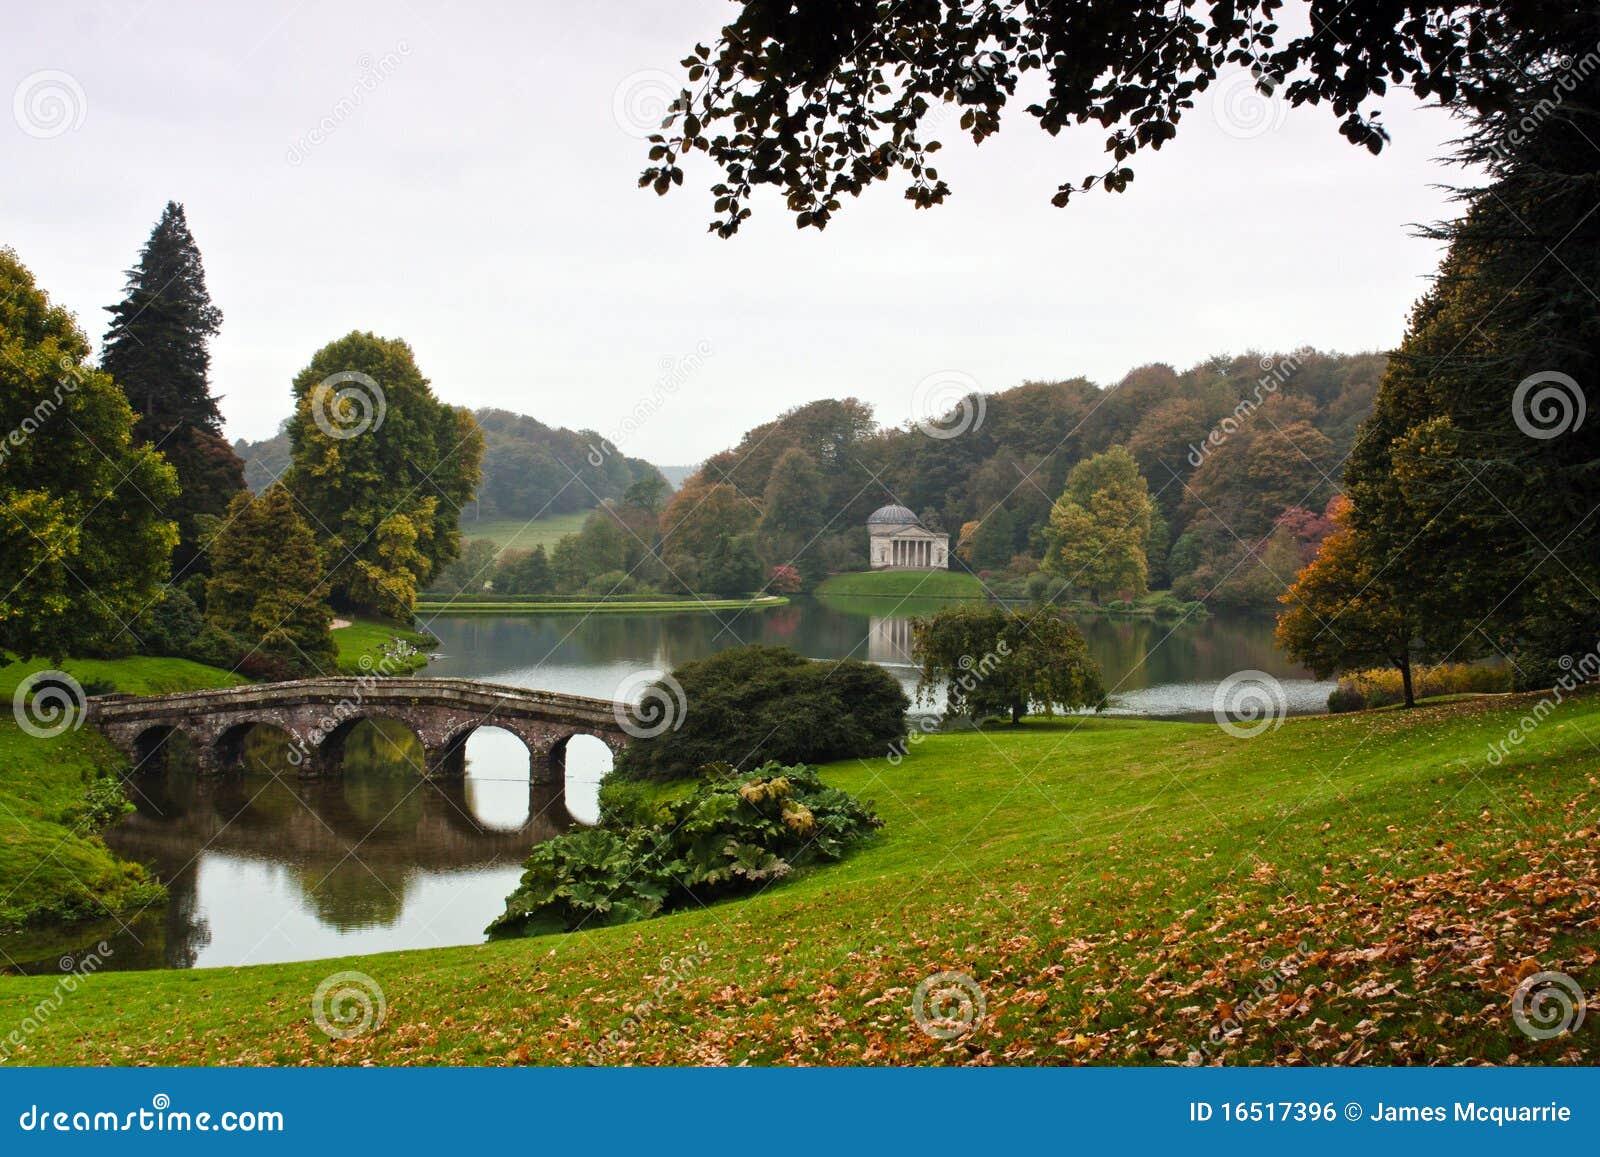 Engelse tuin stock foto afbeelding bestaande uit engels 16517396 - Tuin van de tuin ...